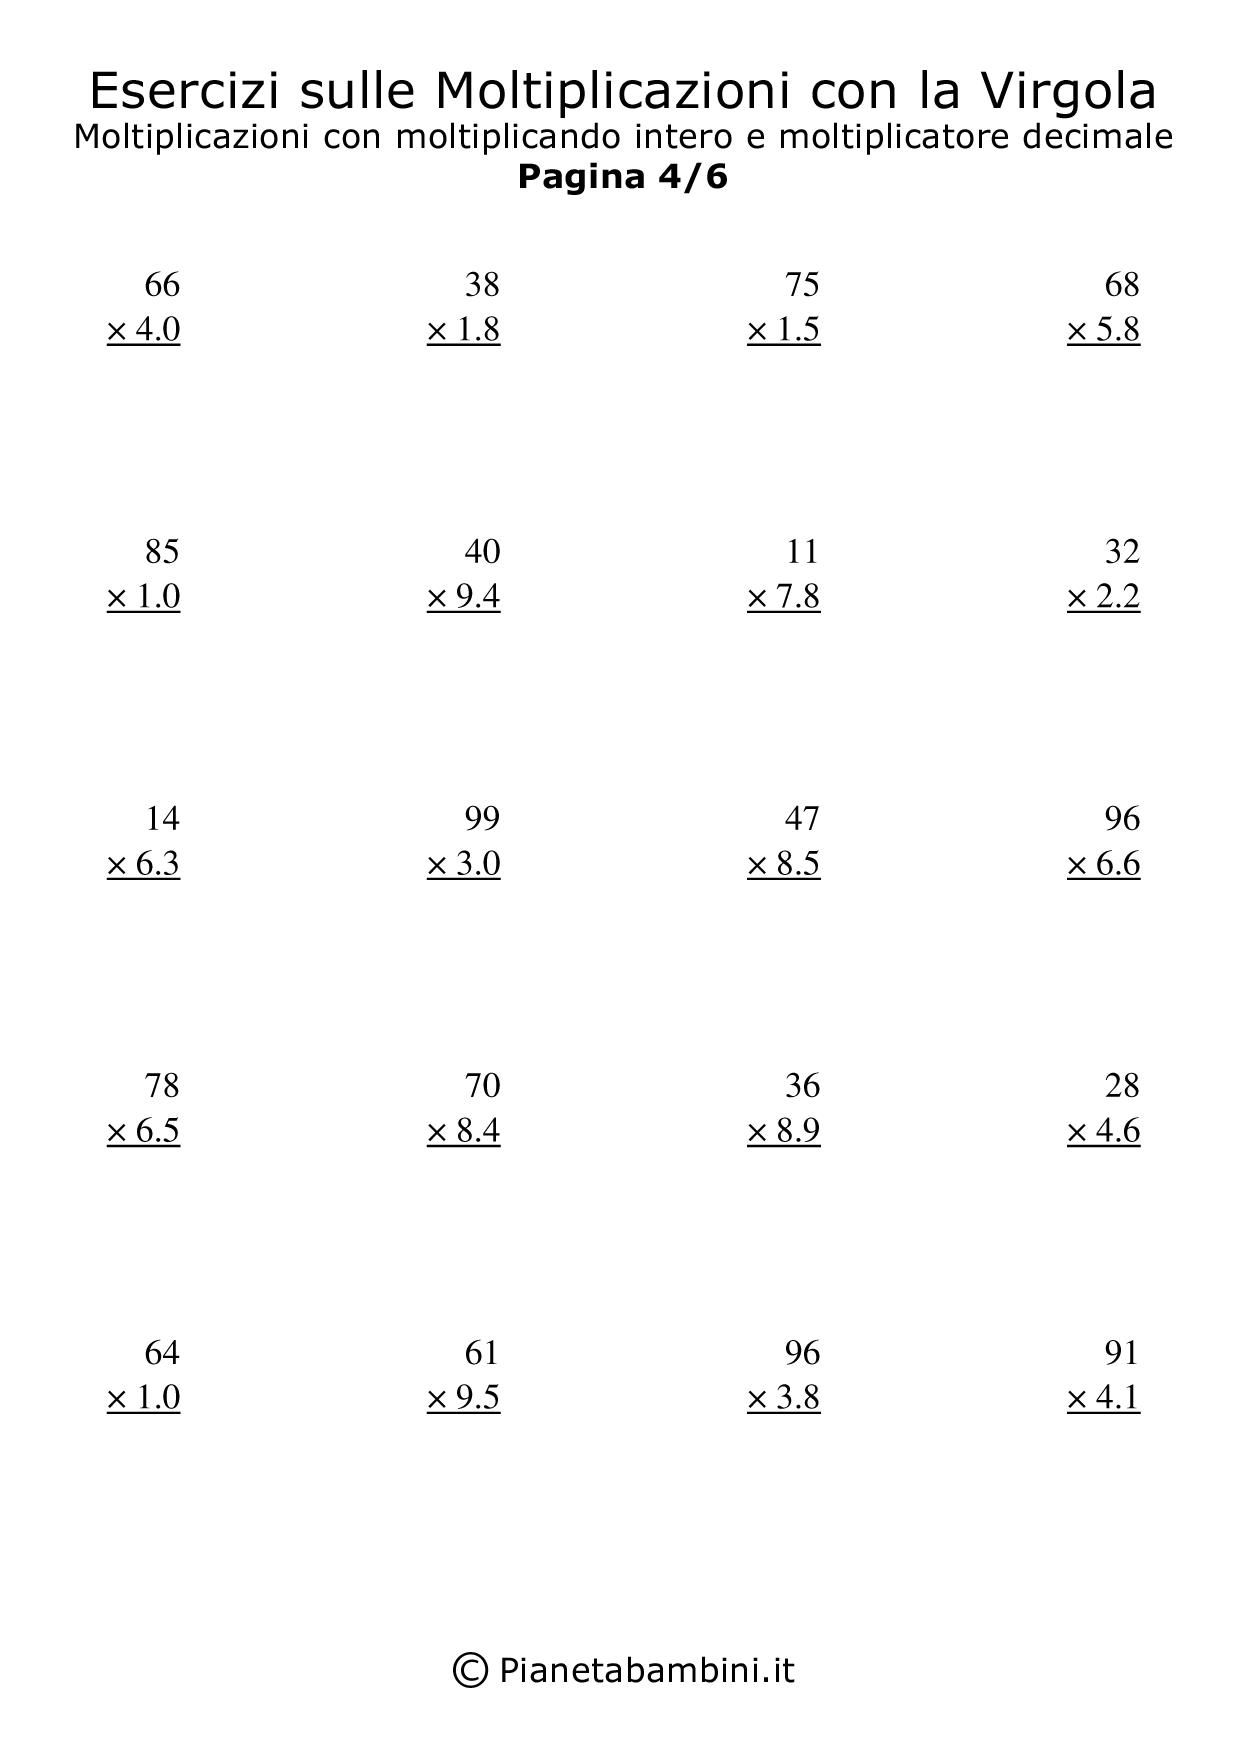 Moltiplicazioni-Virgola-Intero-X-Decimale_4